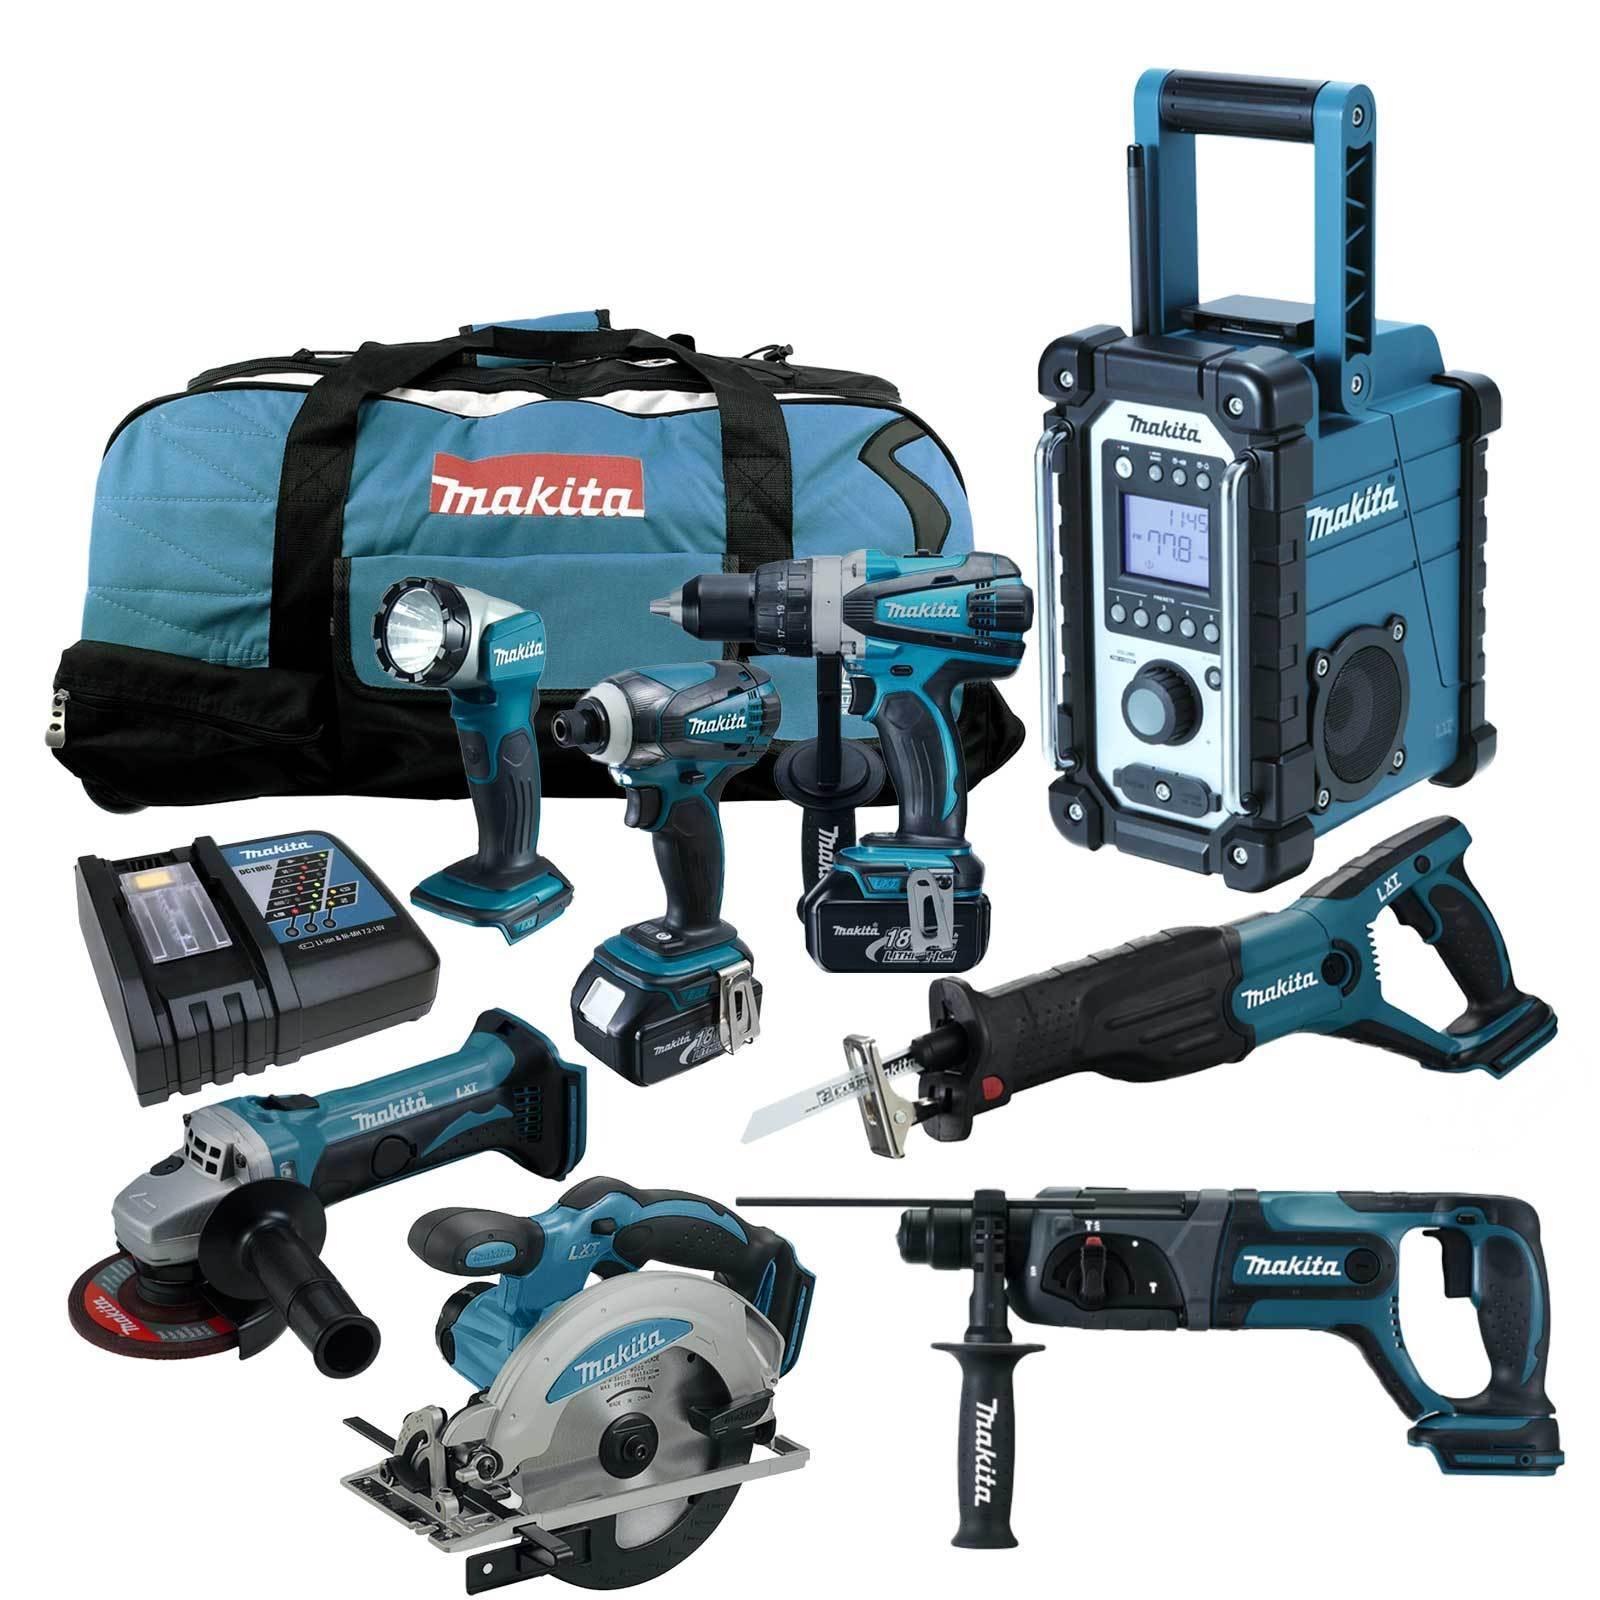 12tlg. Makita 18V Akku Werkzeug Set +DDF458RMJ Bohrschrauber +DHR241 +DMR107 Y1J